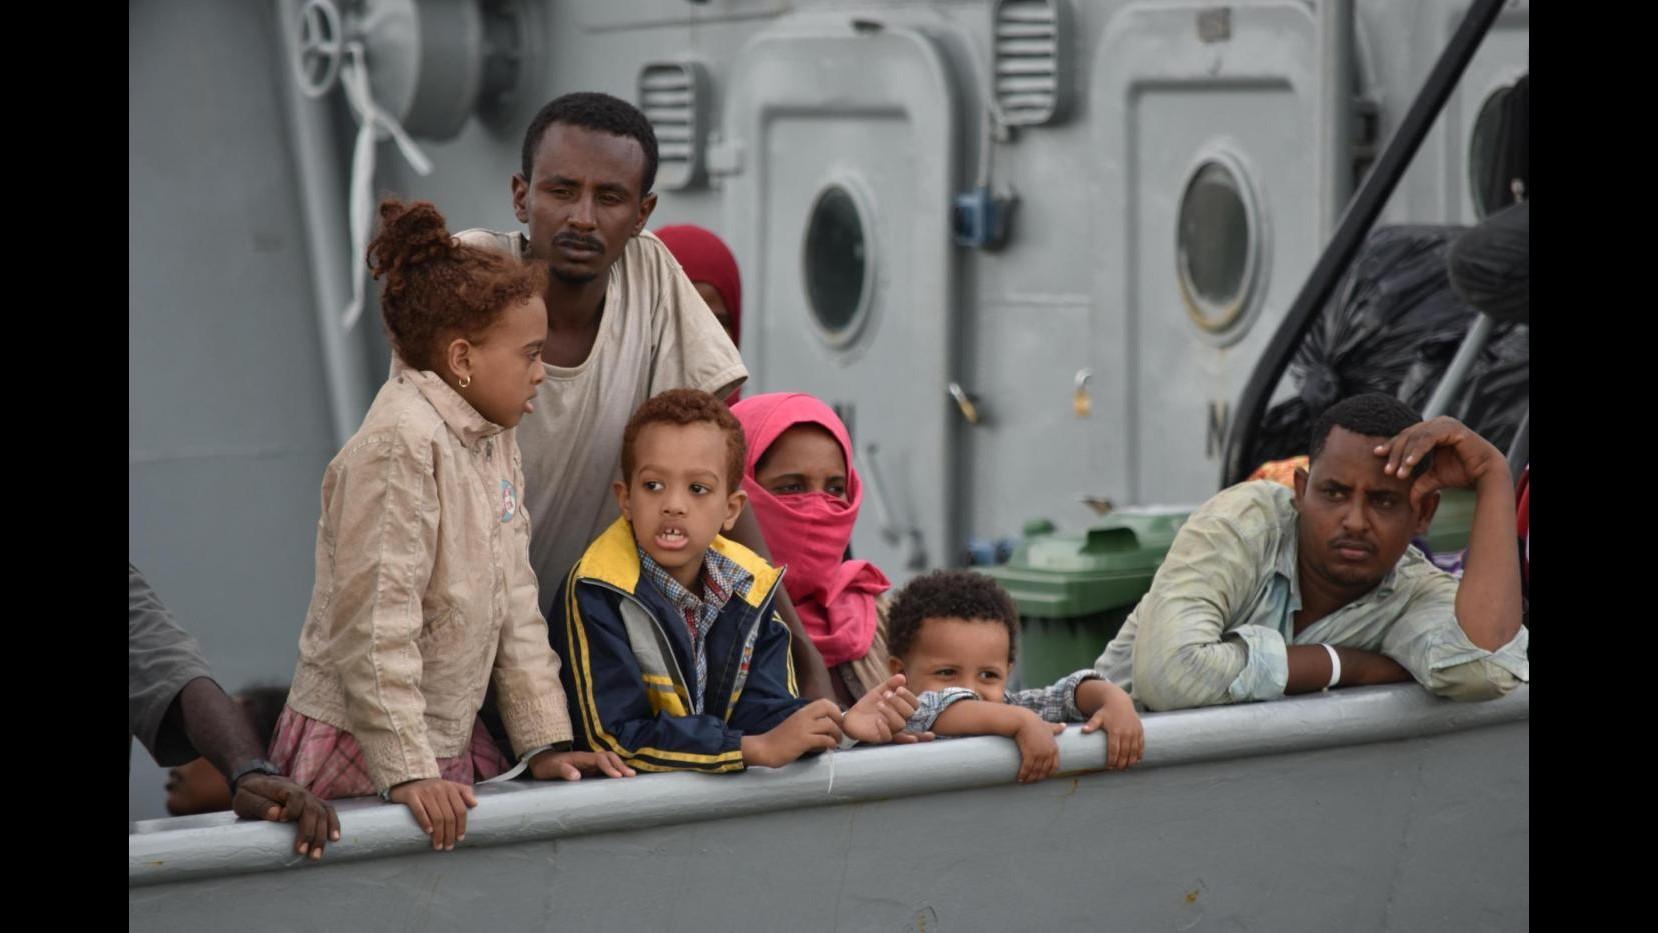 Migranti, Merkel: Grande sfida, ma l'Ue ha la forza per farcela